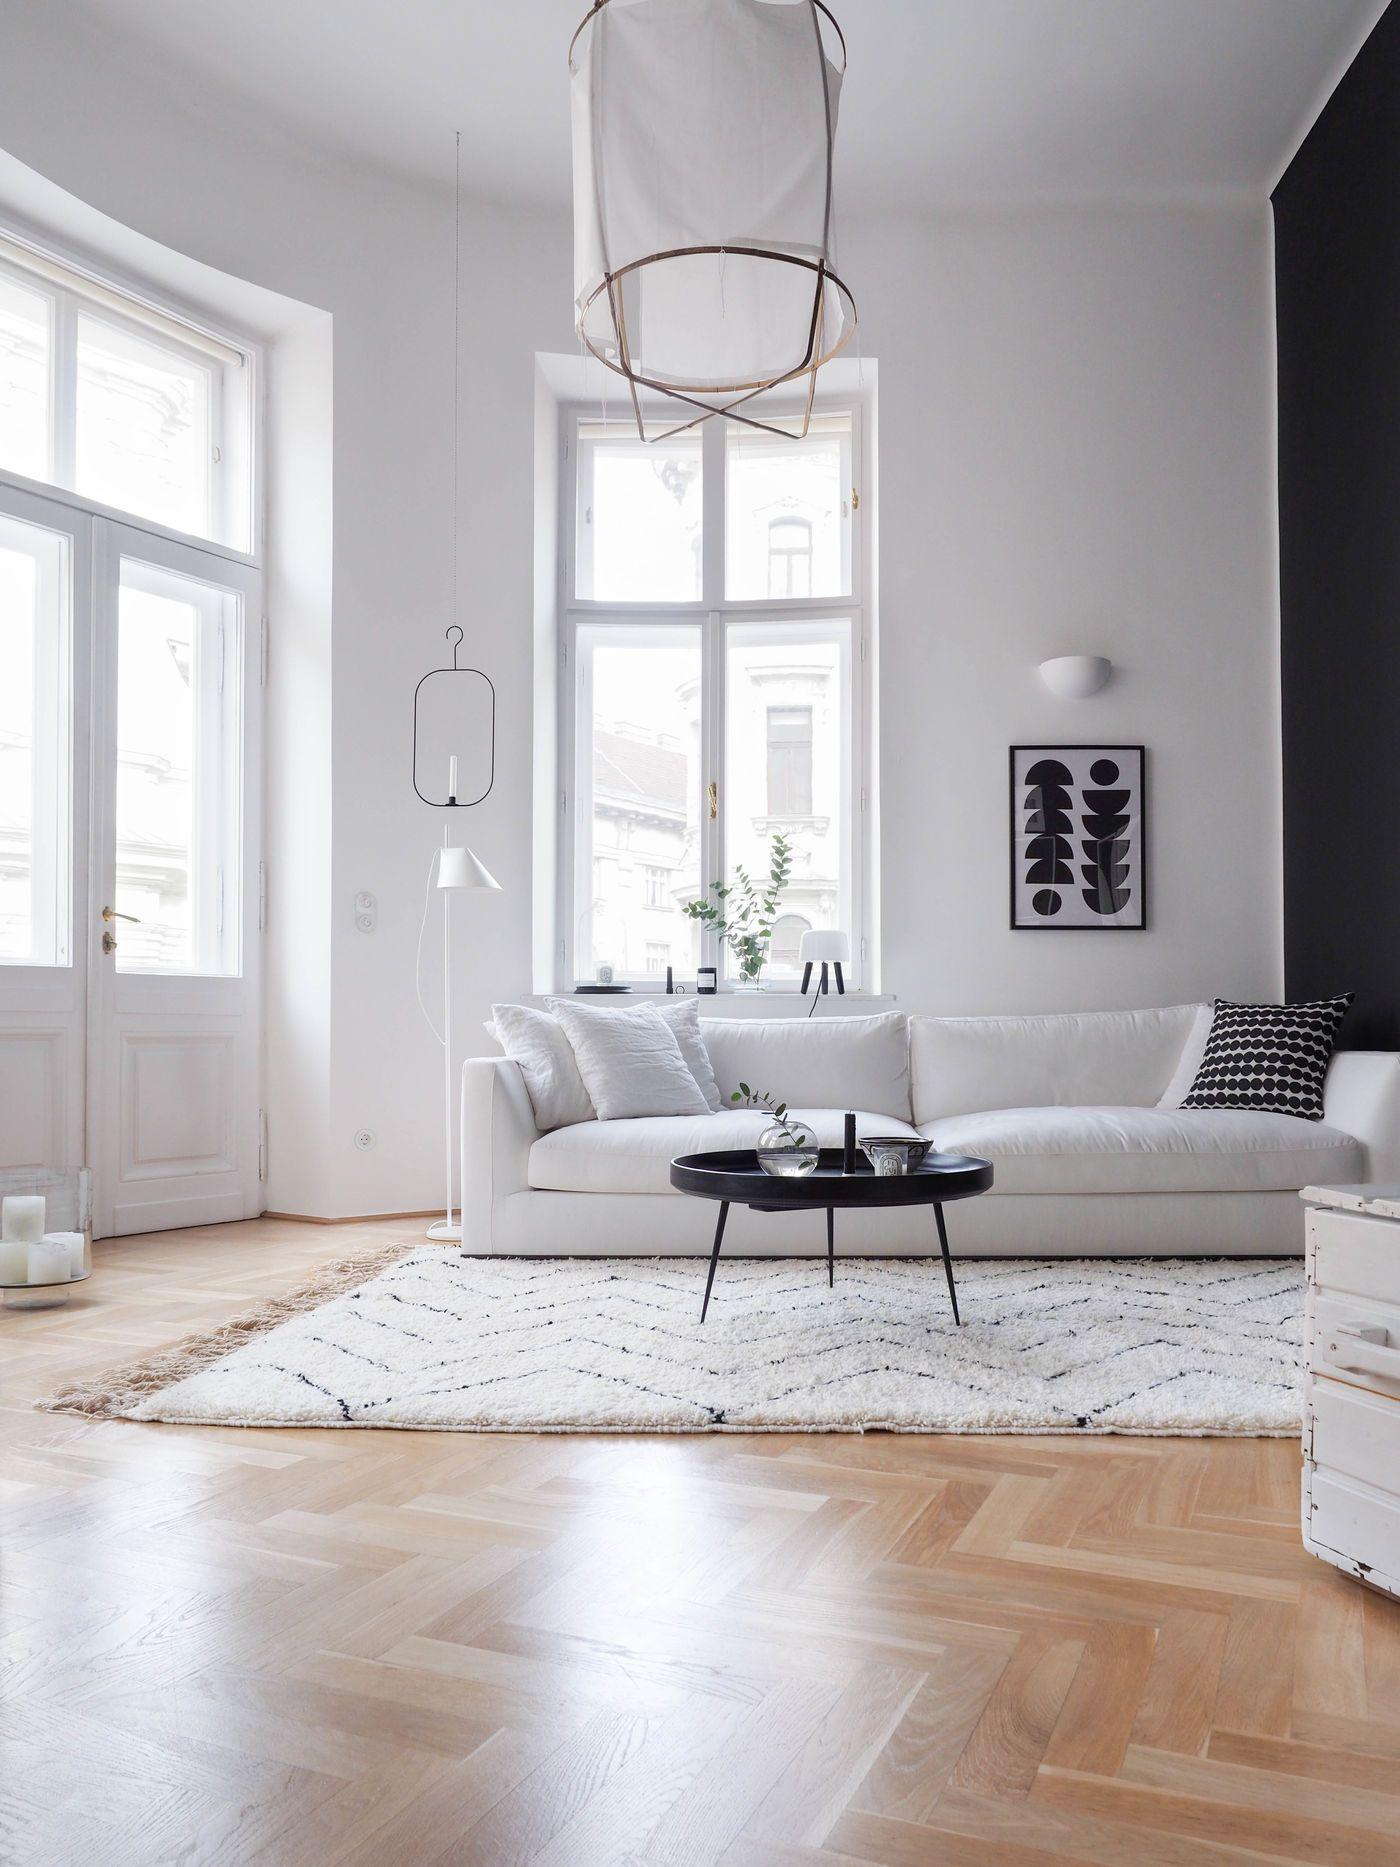 Die schönsten Ideen für die Wandfarbe im Wohnzimmer - Seite 3